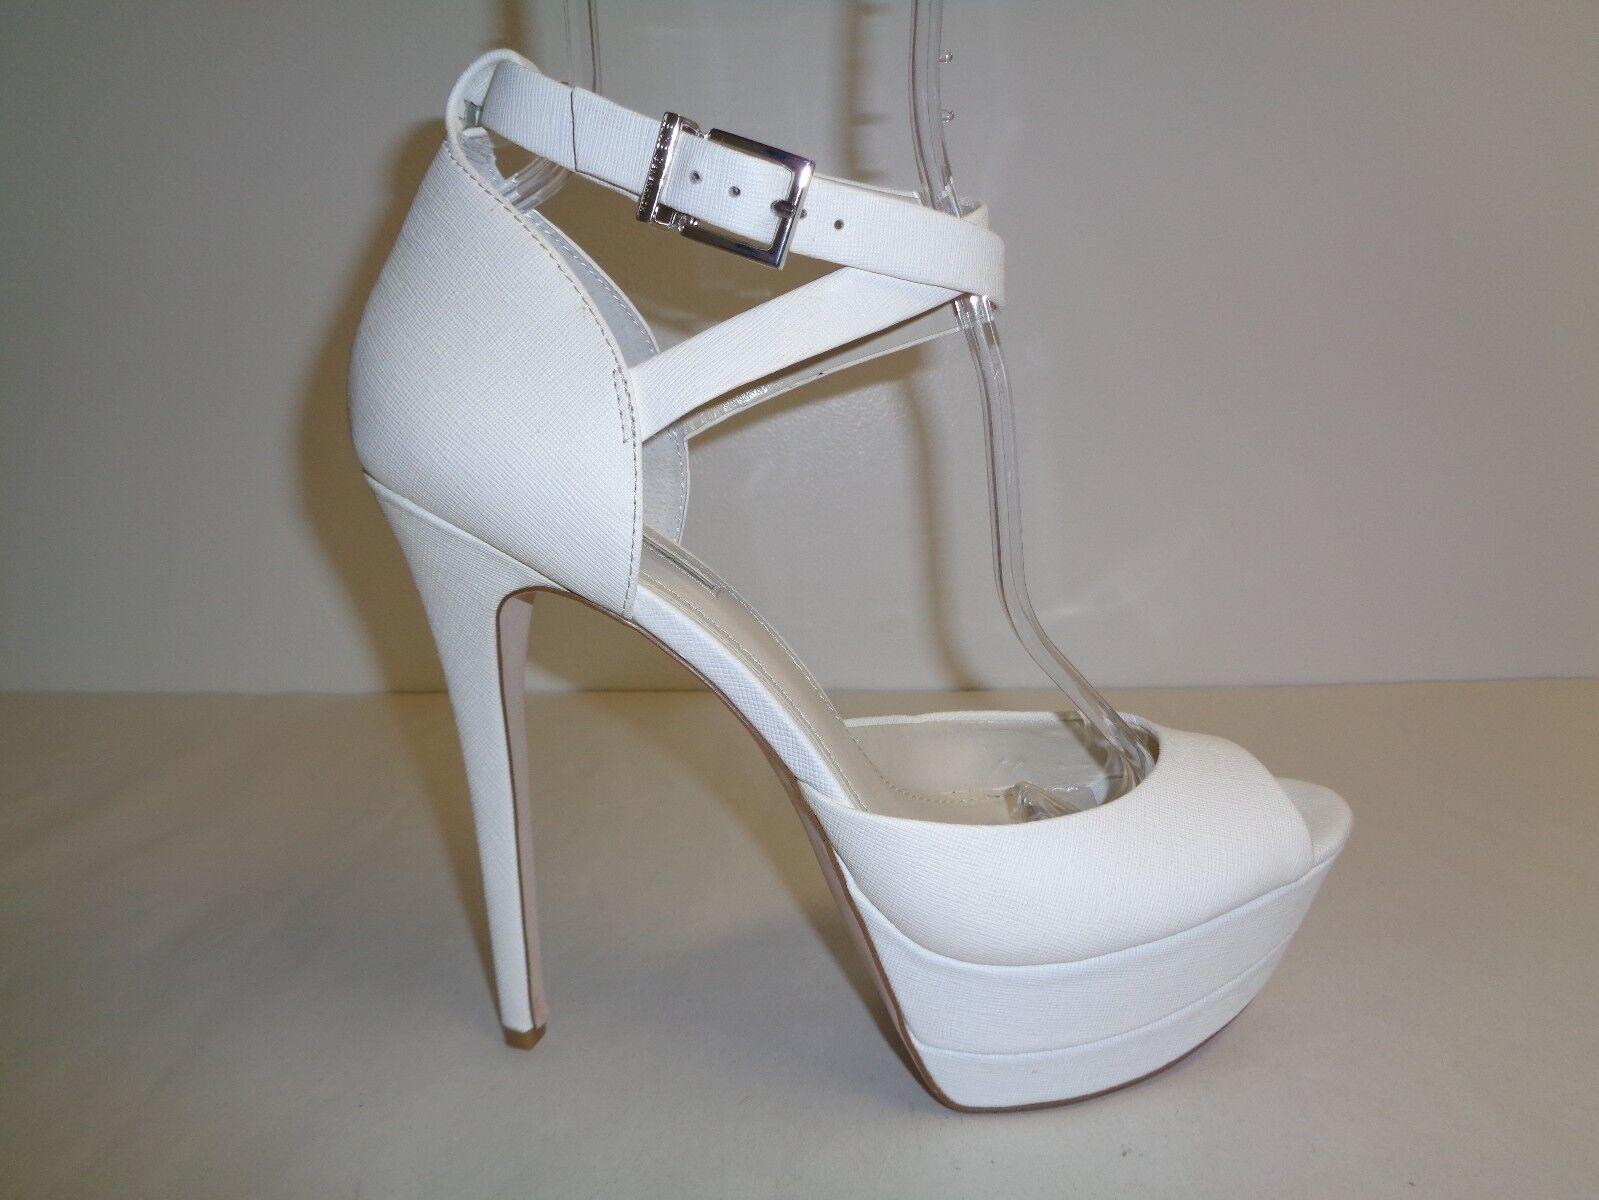 BCBGeneration BCBG Größe 9.5 M VIX2 WEISS Leder Heels Sandales NEU Damenschuhe Schuhes